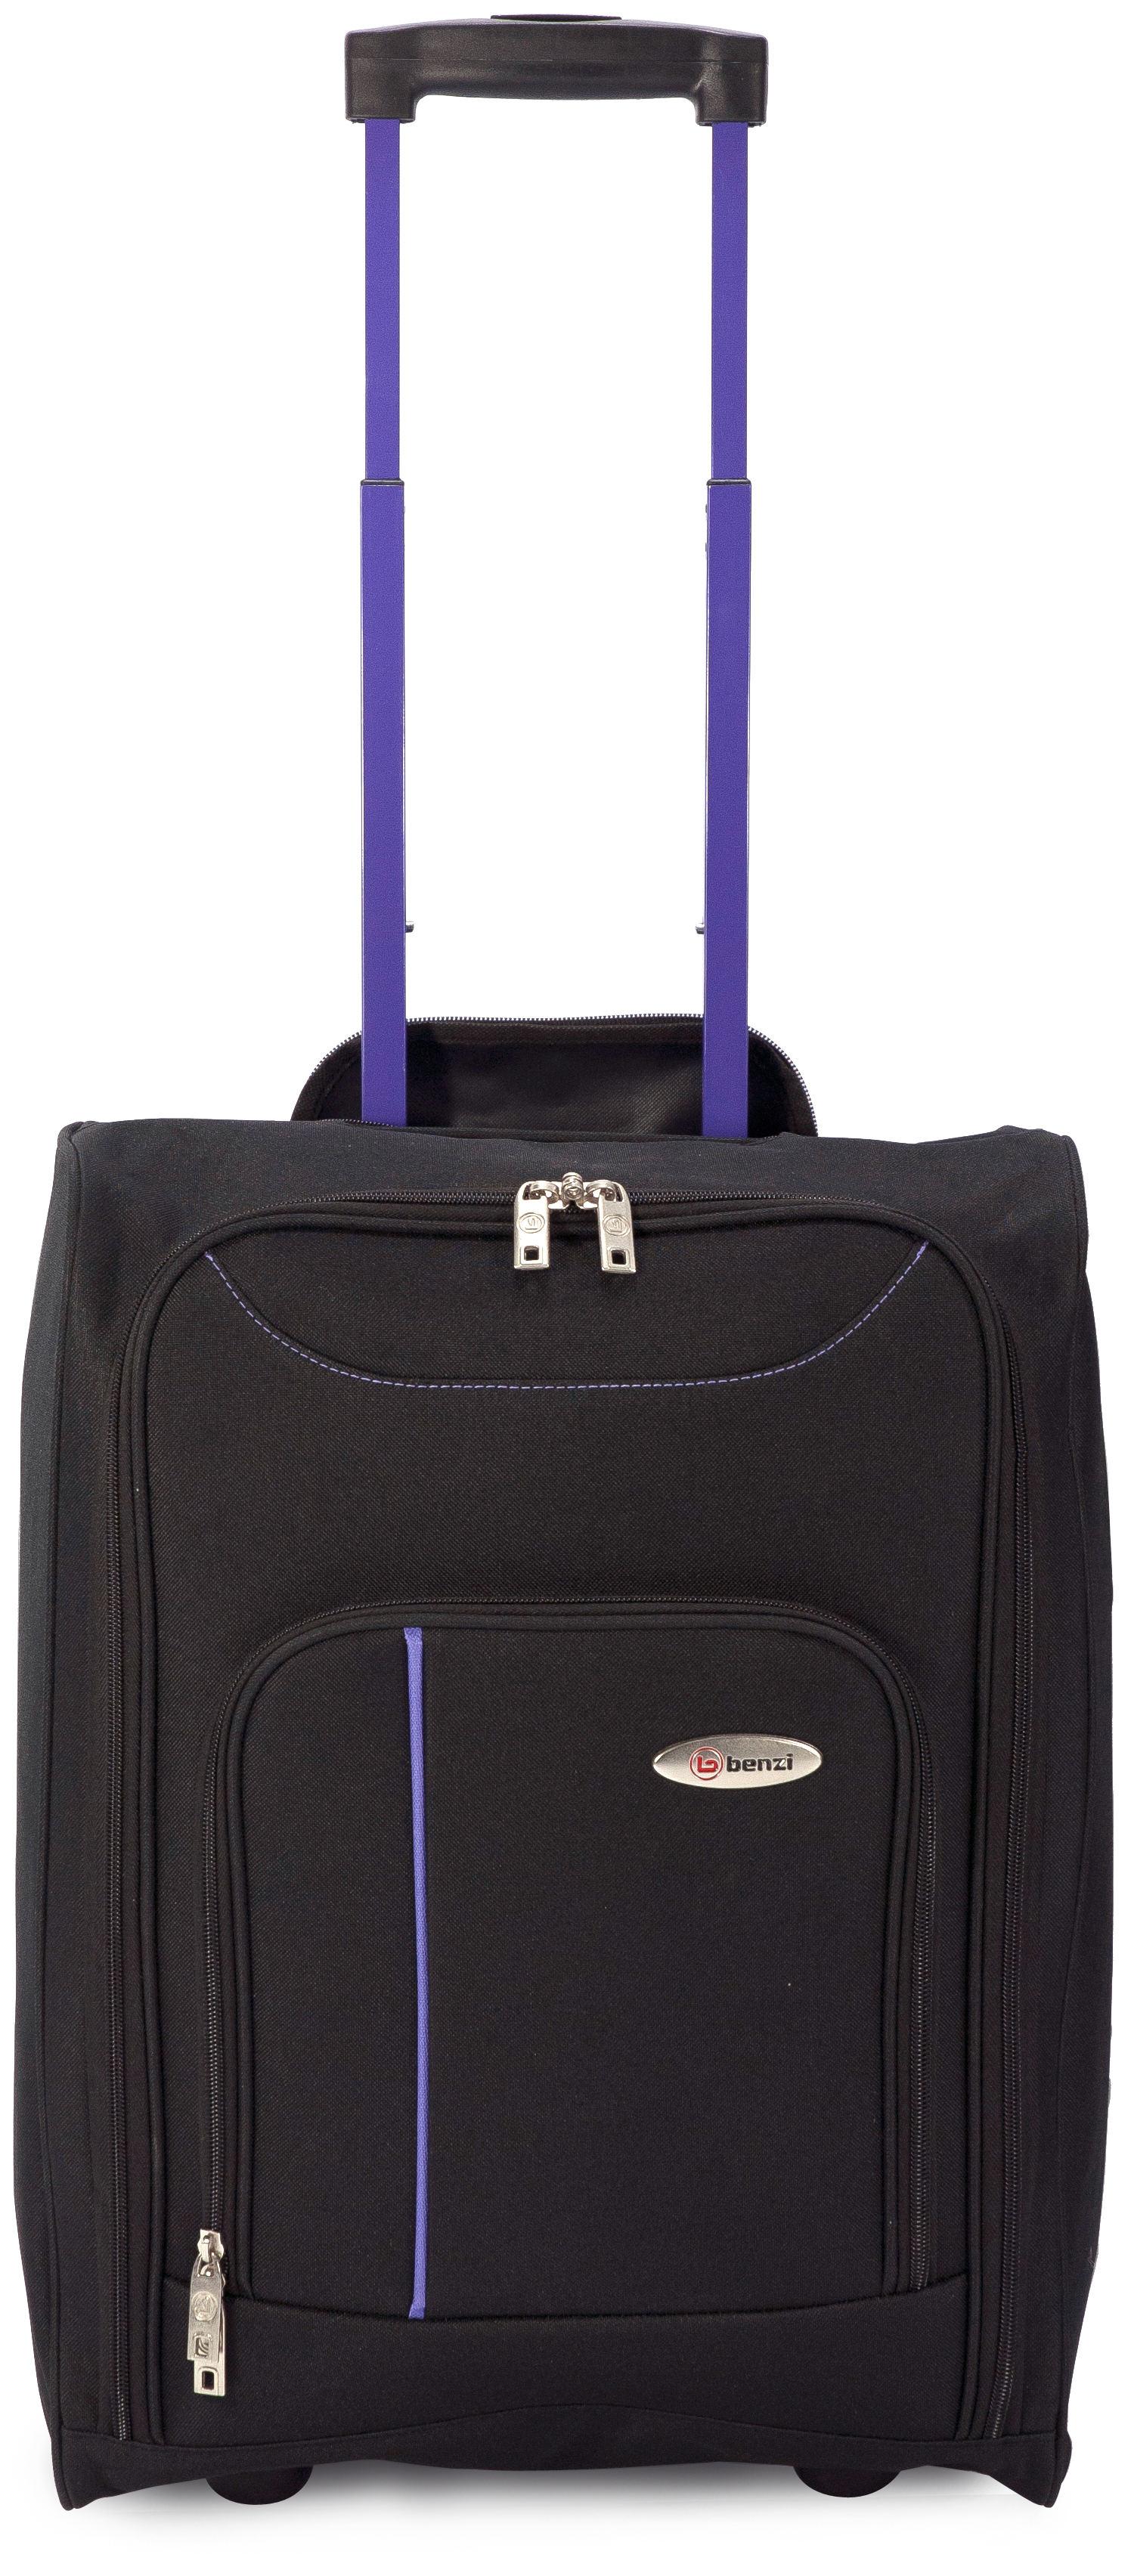 Βαλίτσα καμπίνας 4891 BLACK/PURPLE, BENZI εποχιακα ειδη   είδη ταξιδιού   βαλίτσες